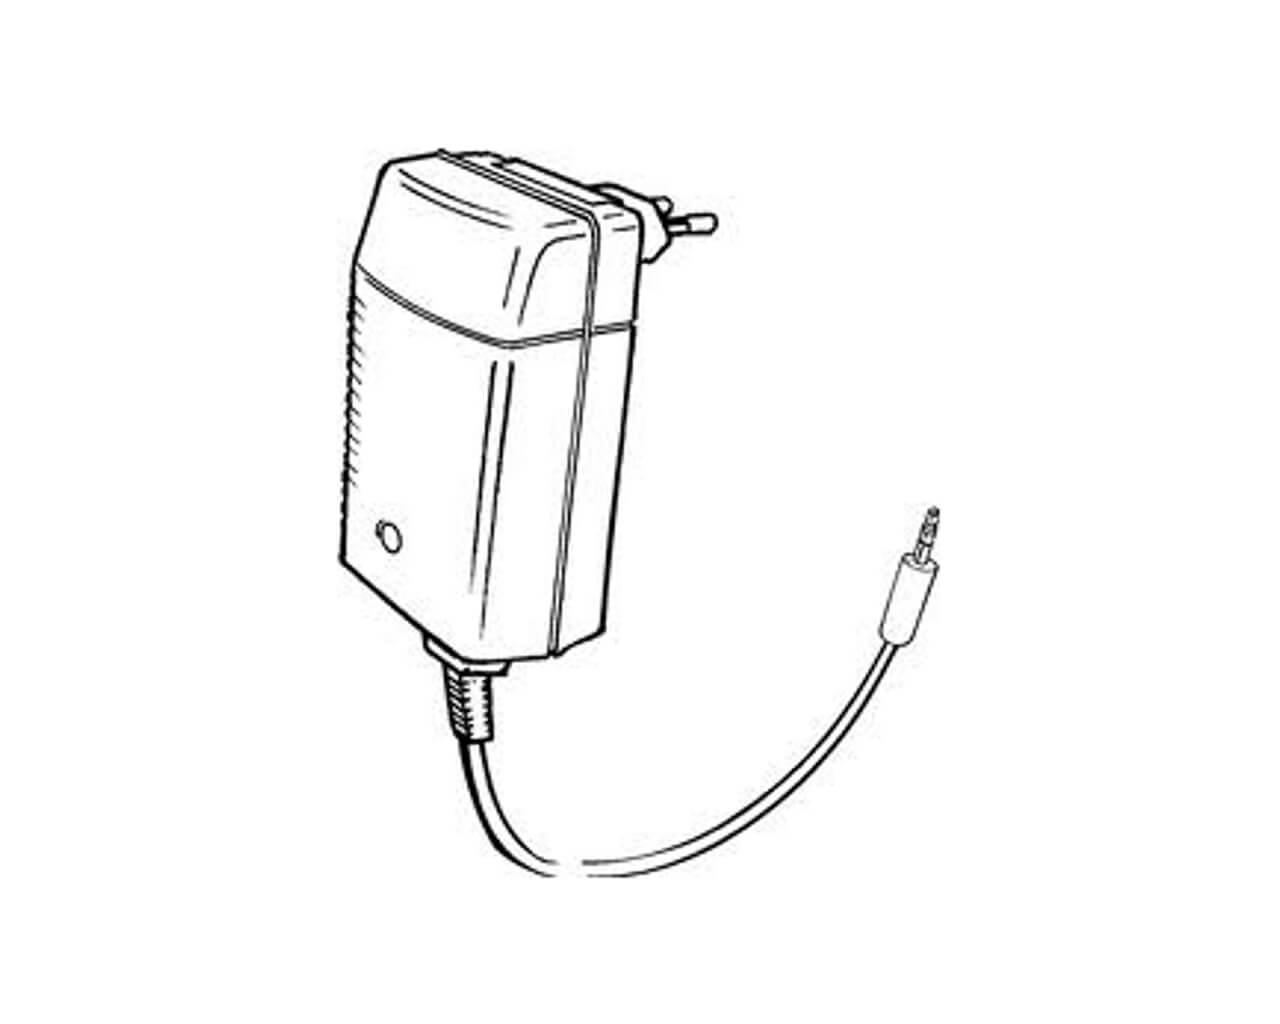 Akku-Ladegerät SPEEDGLAS ADFLO für Li-Ion-Akkus